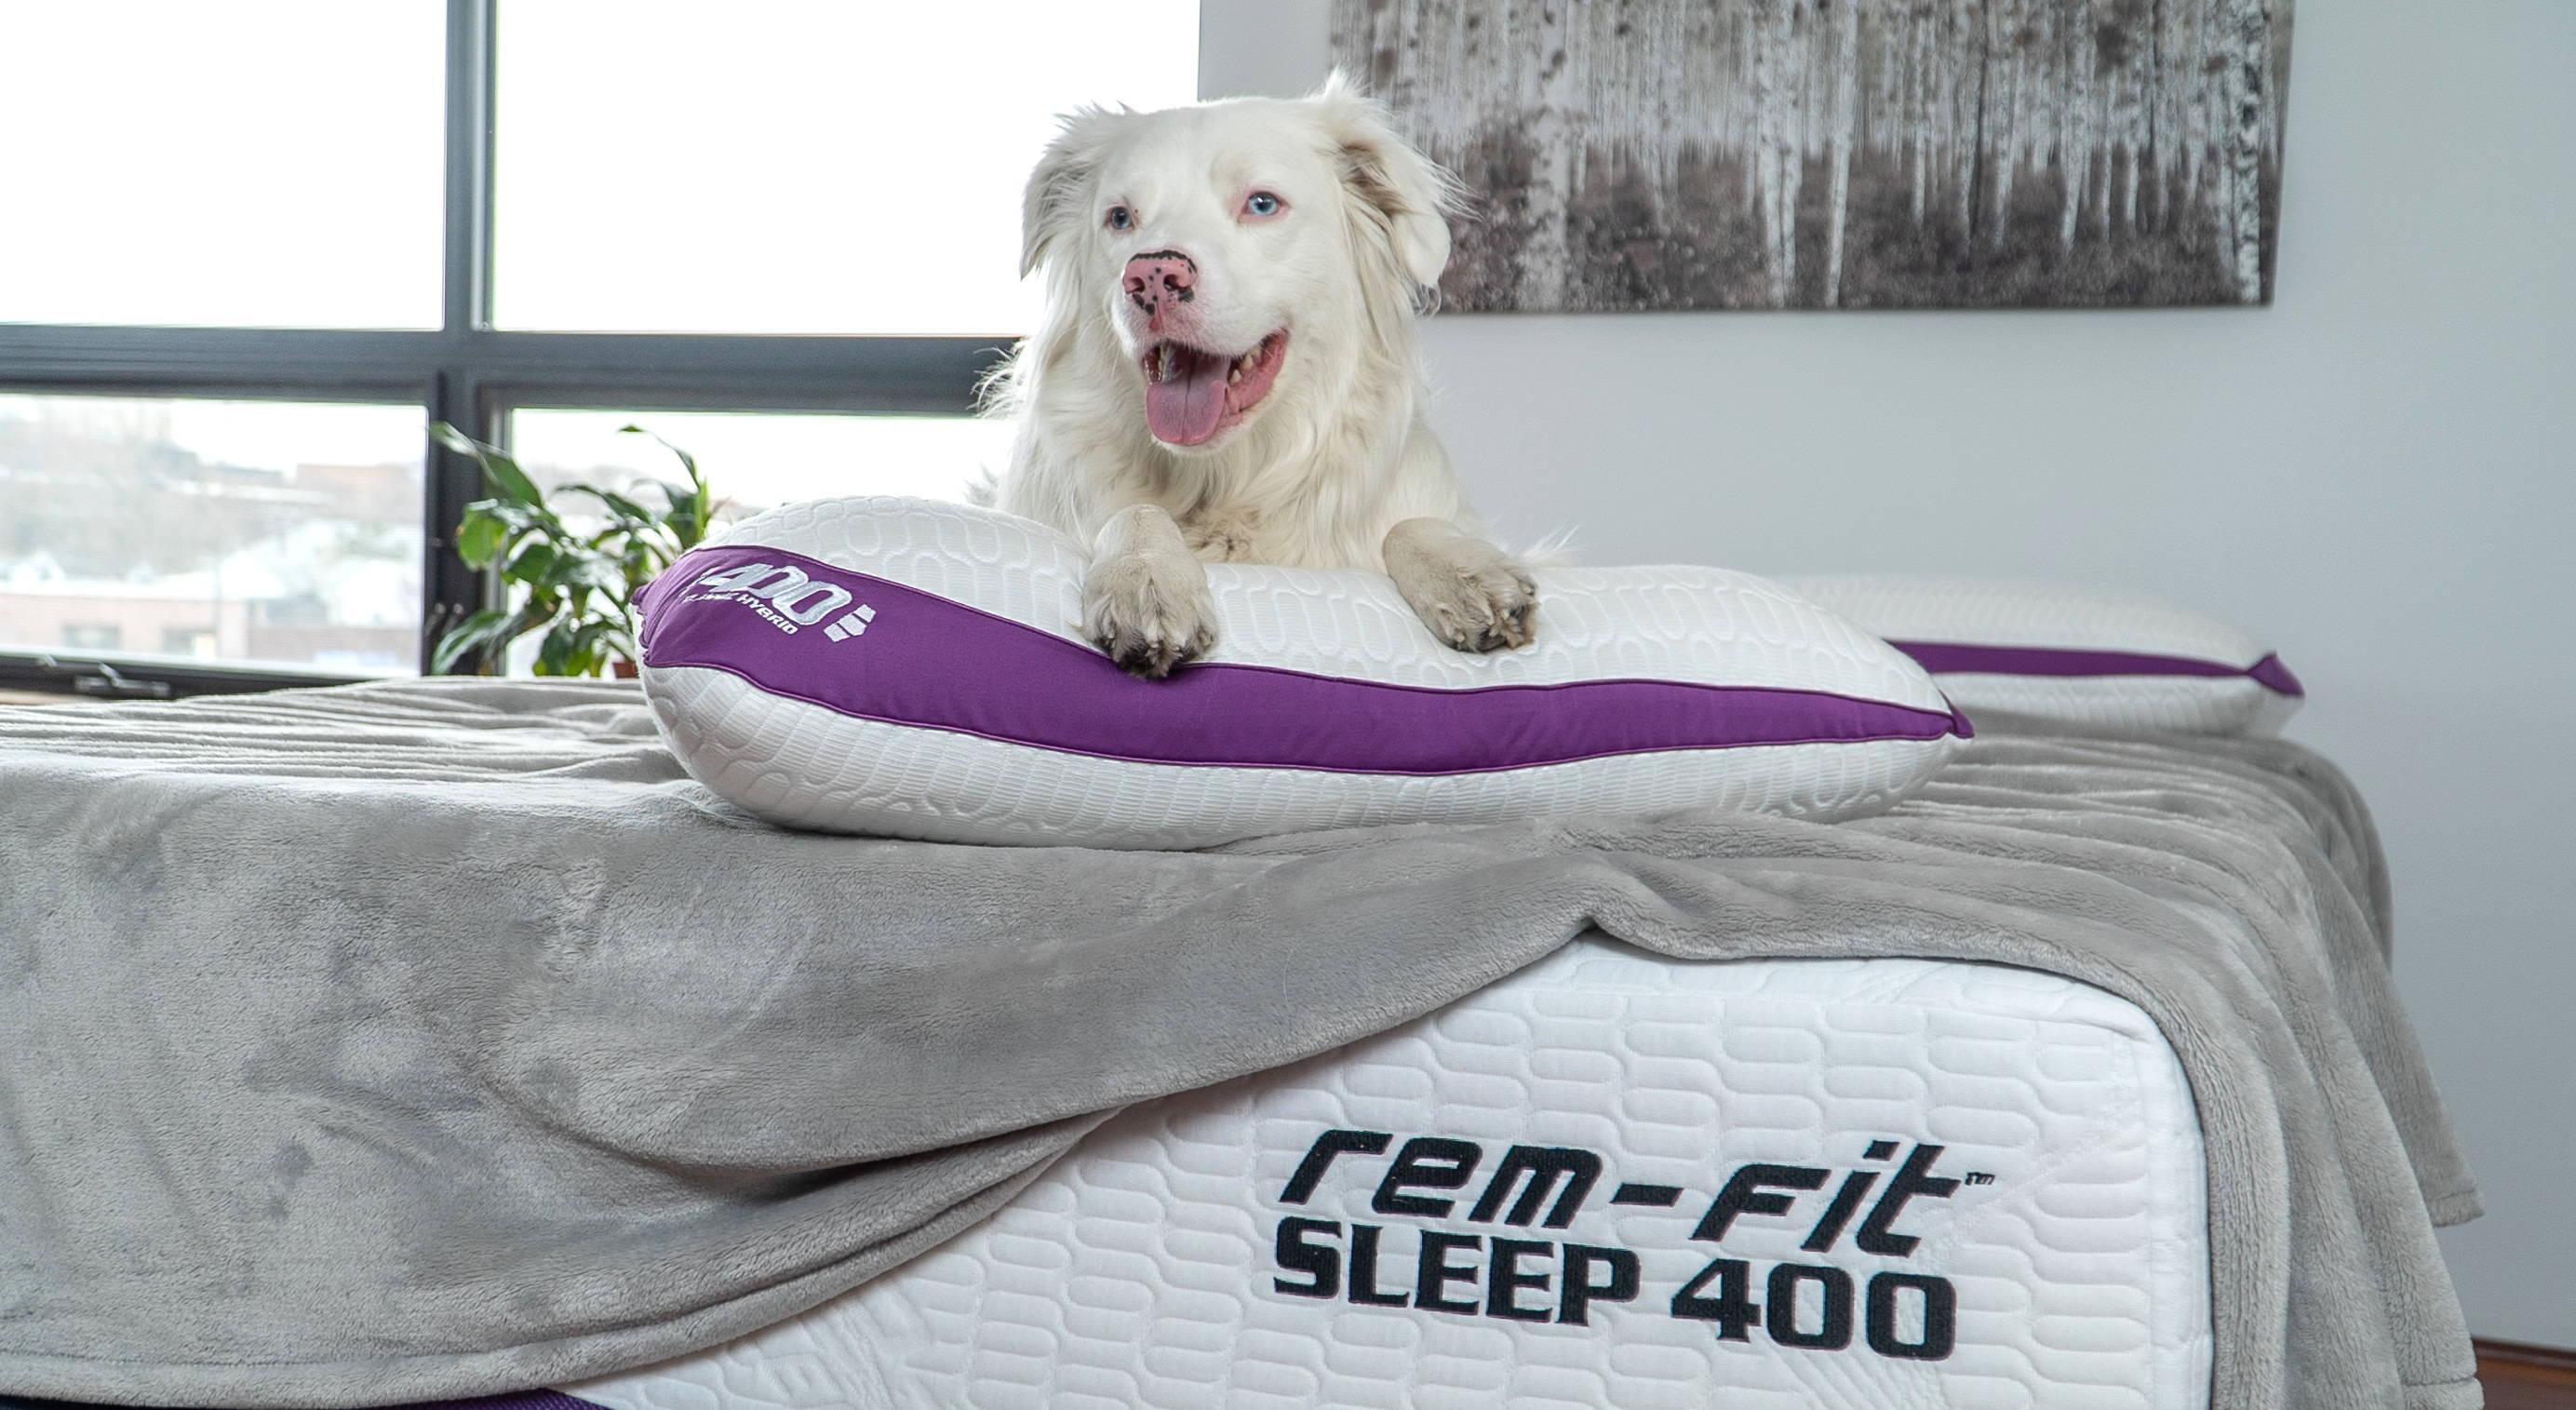 Pillow Finder REM-Fit dog on 400 hybrid down cooling pillow. on REM-Fit 400 advanced cooling mattress